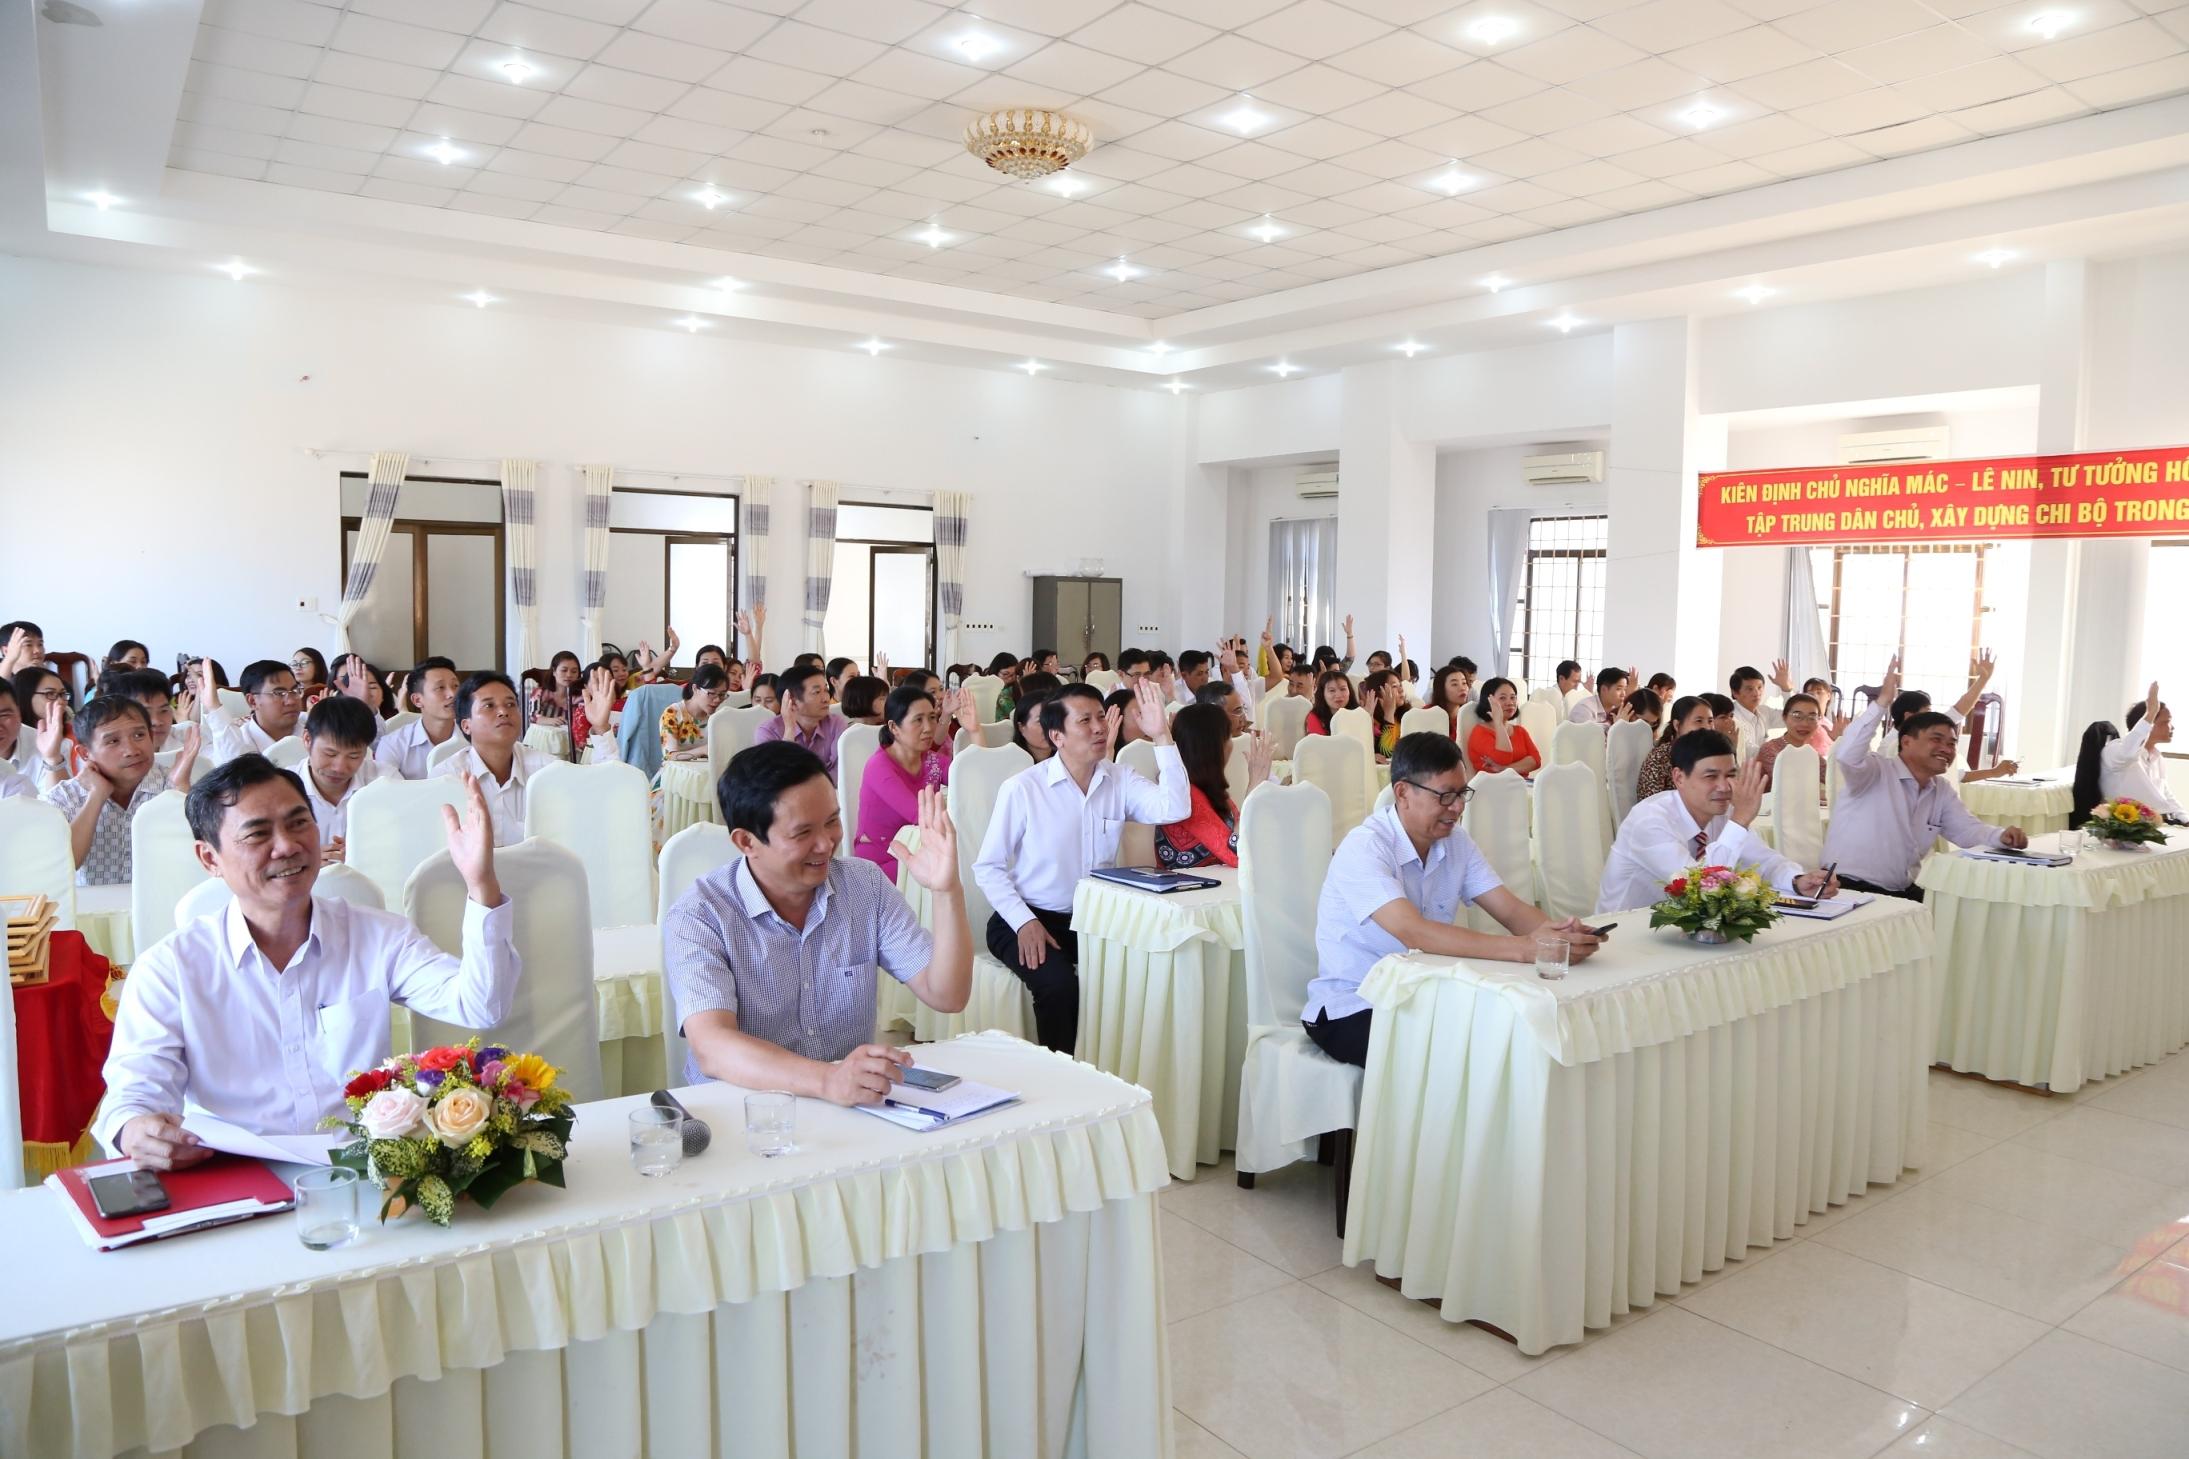 Hội nghị cán bộ viên chức Trung tâm Kiểm soát bệnh tật Đắk Lắk